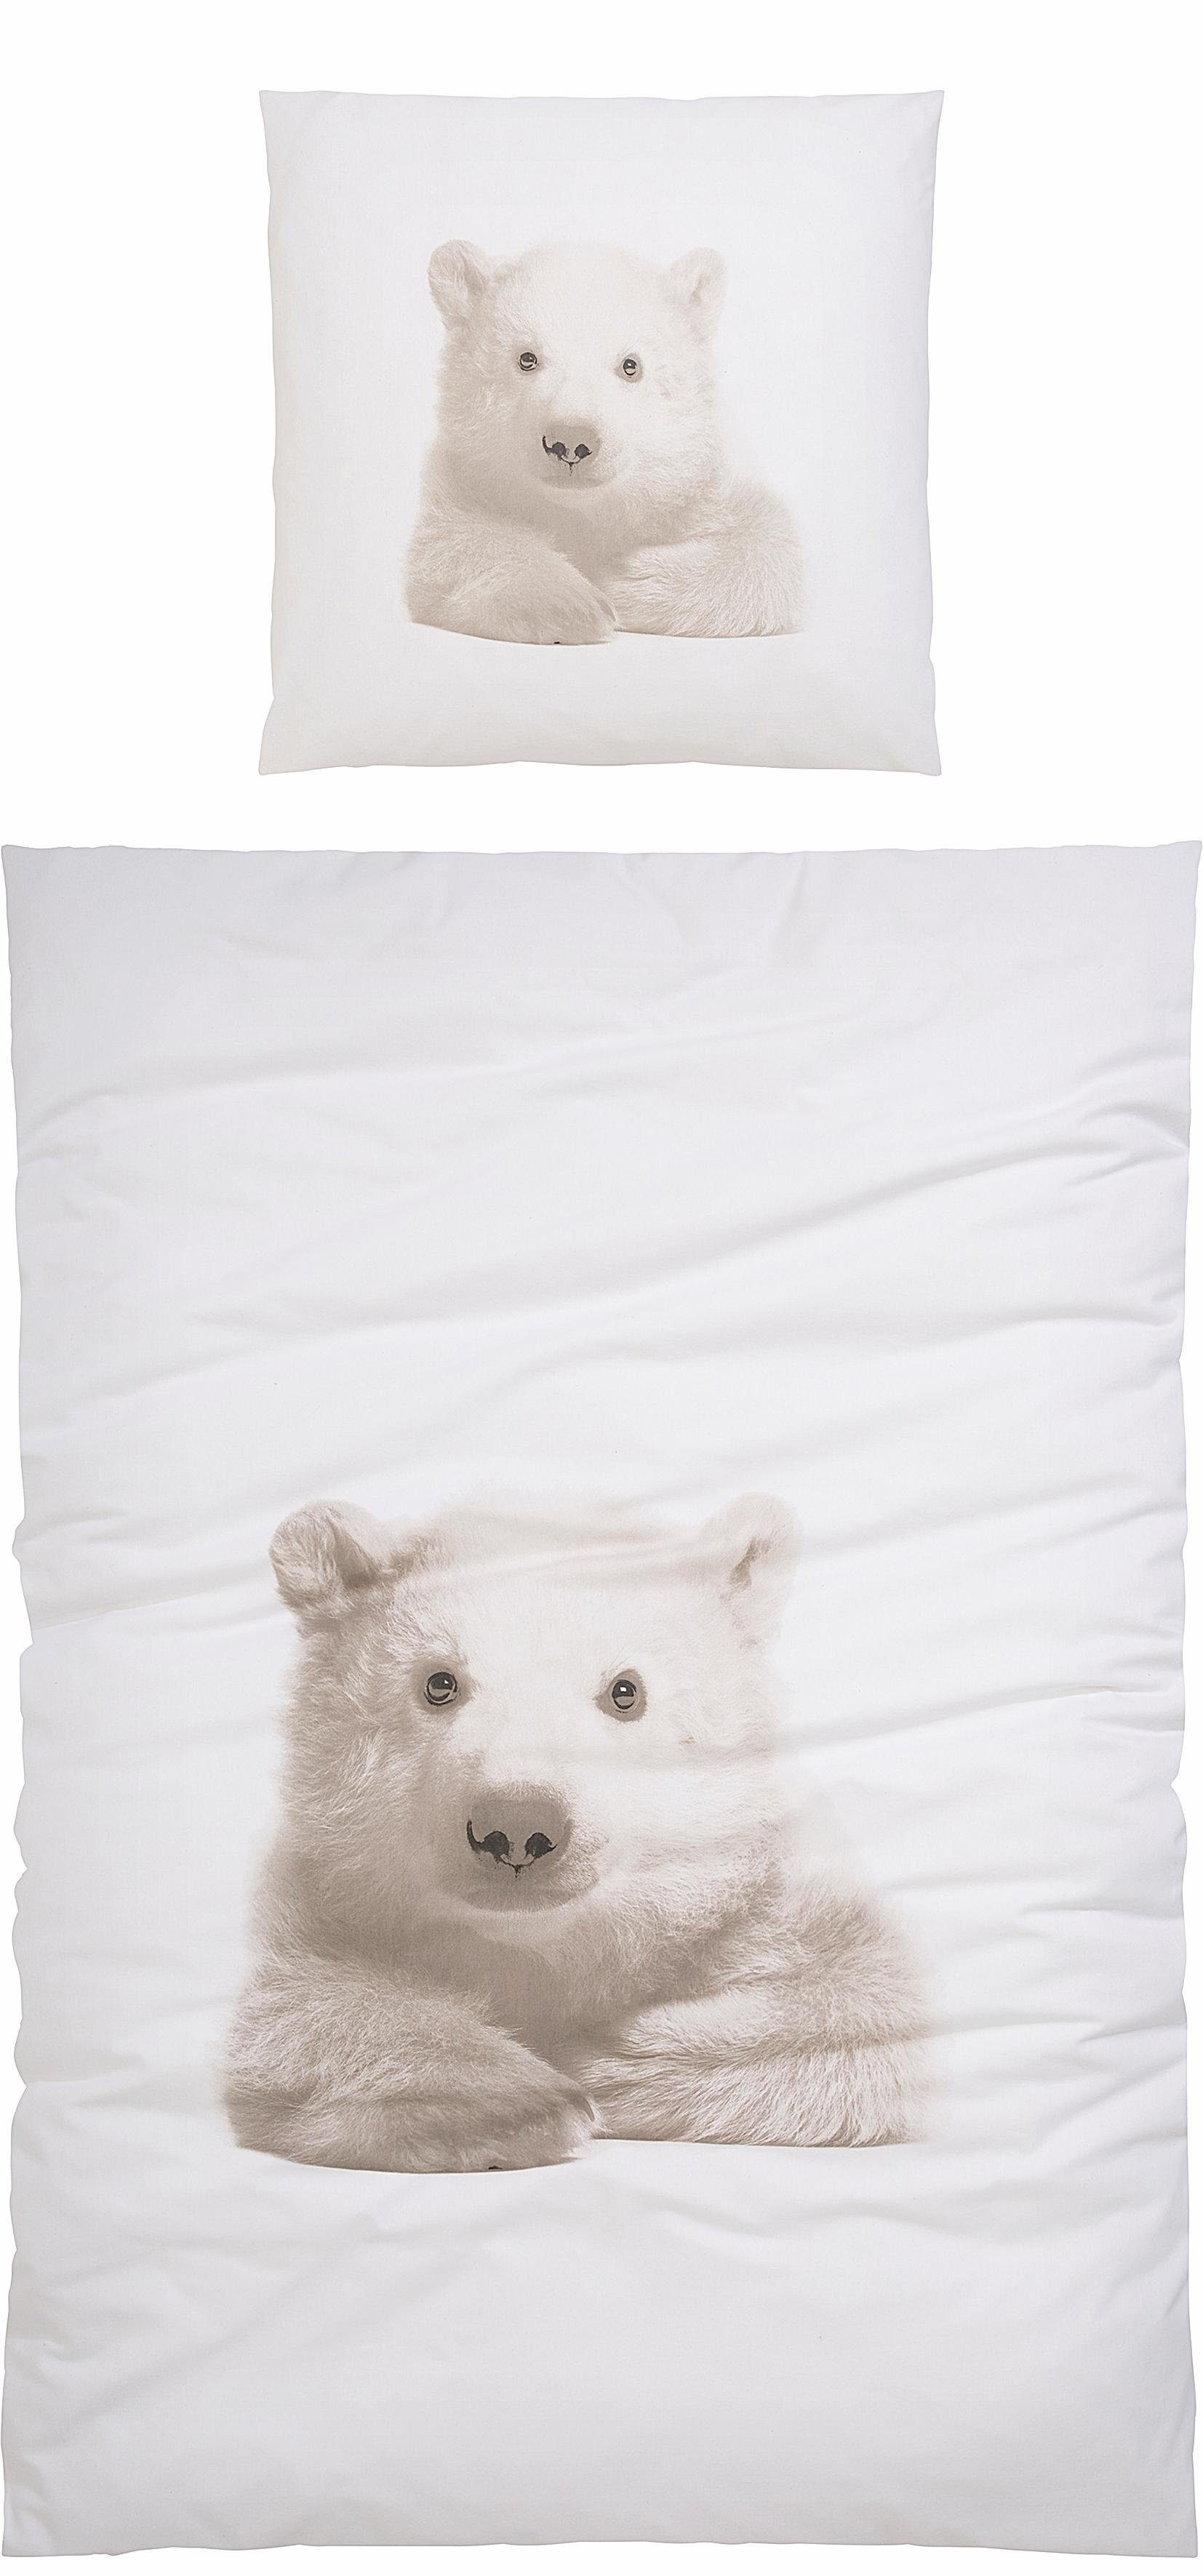 Bettwäsche, Casatex, »Kleiner Eisbär«, mit Eisbär bedruckt